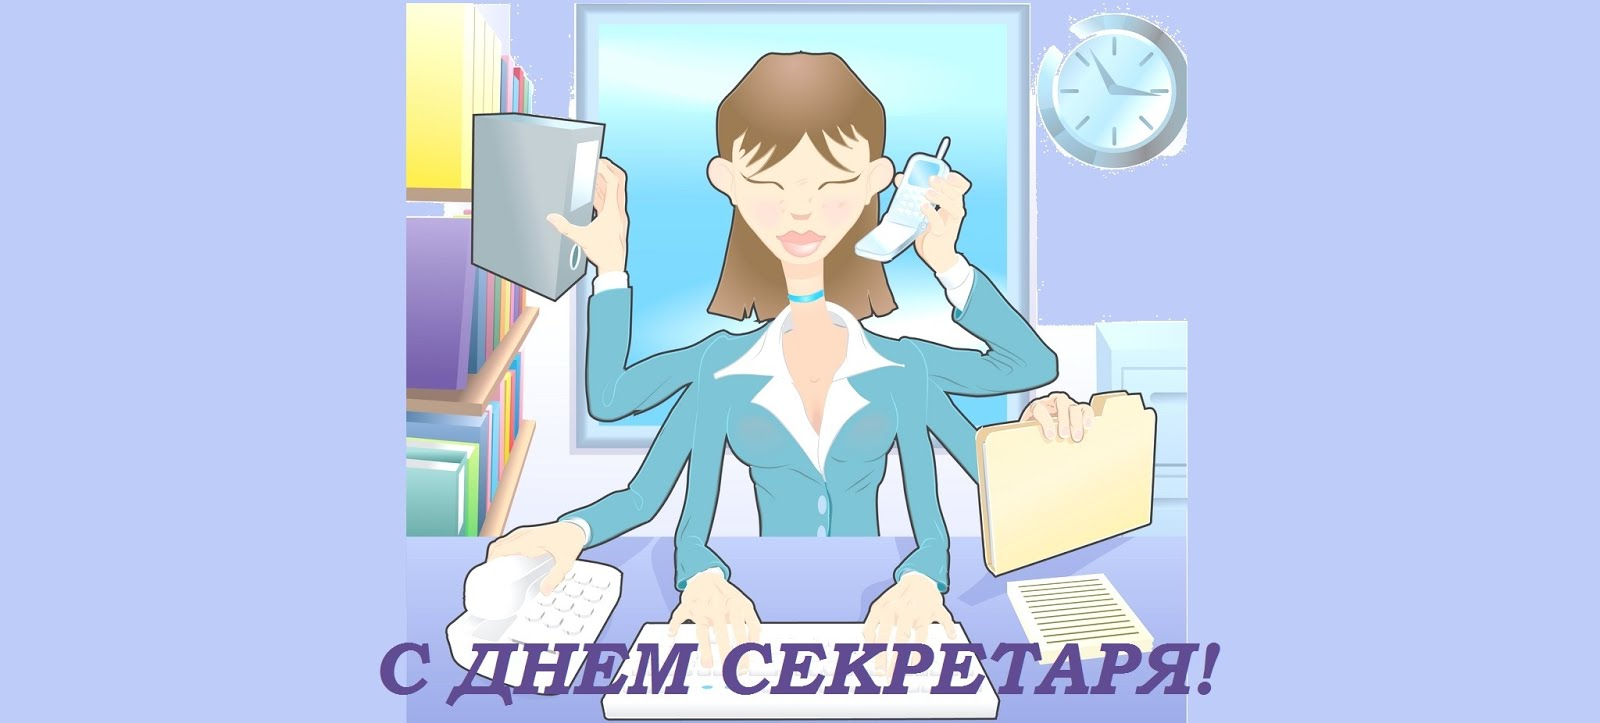 порнофото день секретаря